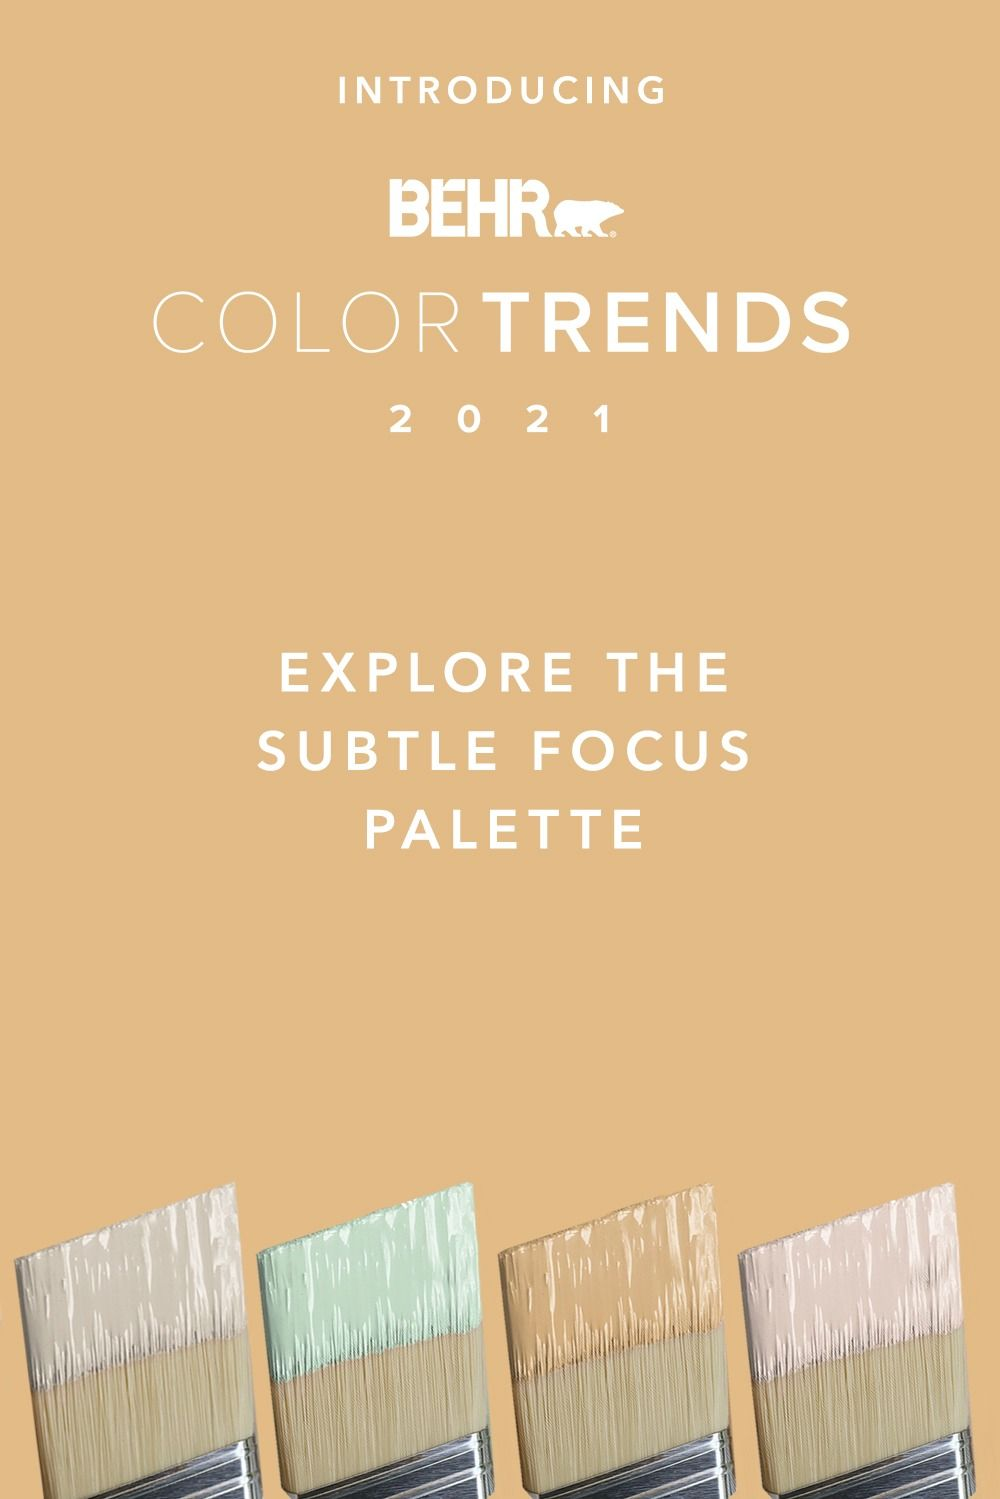 Subtle Focus Palette Trending Paint Colors Soft Paint Color Behr Color Trends [ 1499 x 1000 Pixel ]